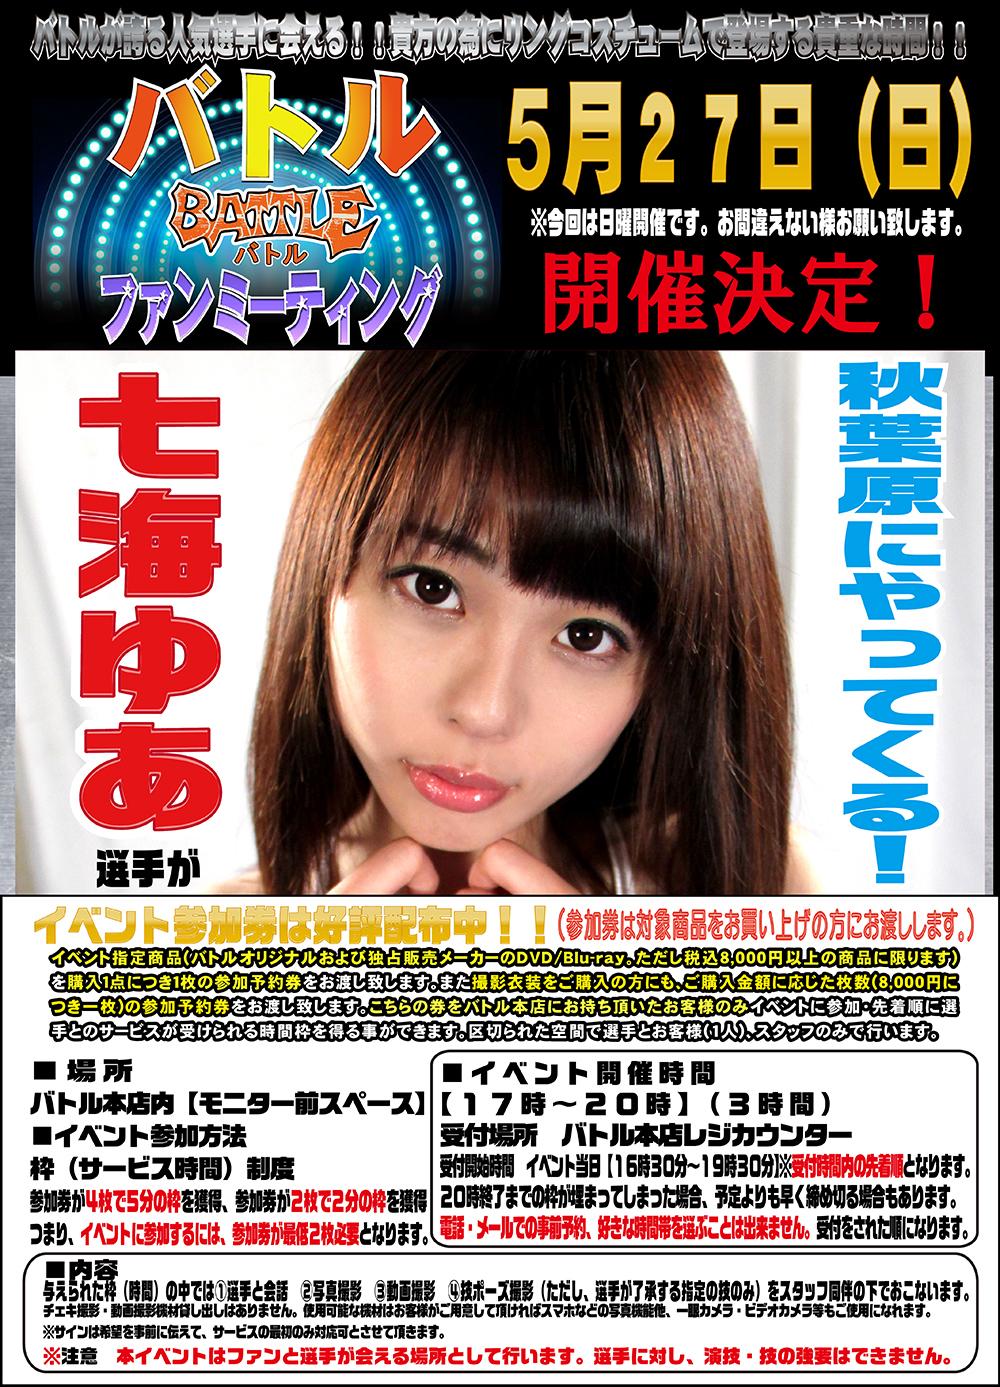 2018_0527日POP_web